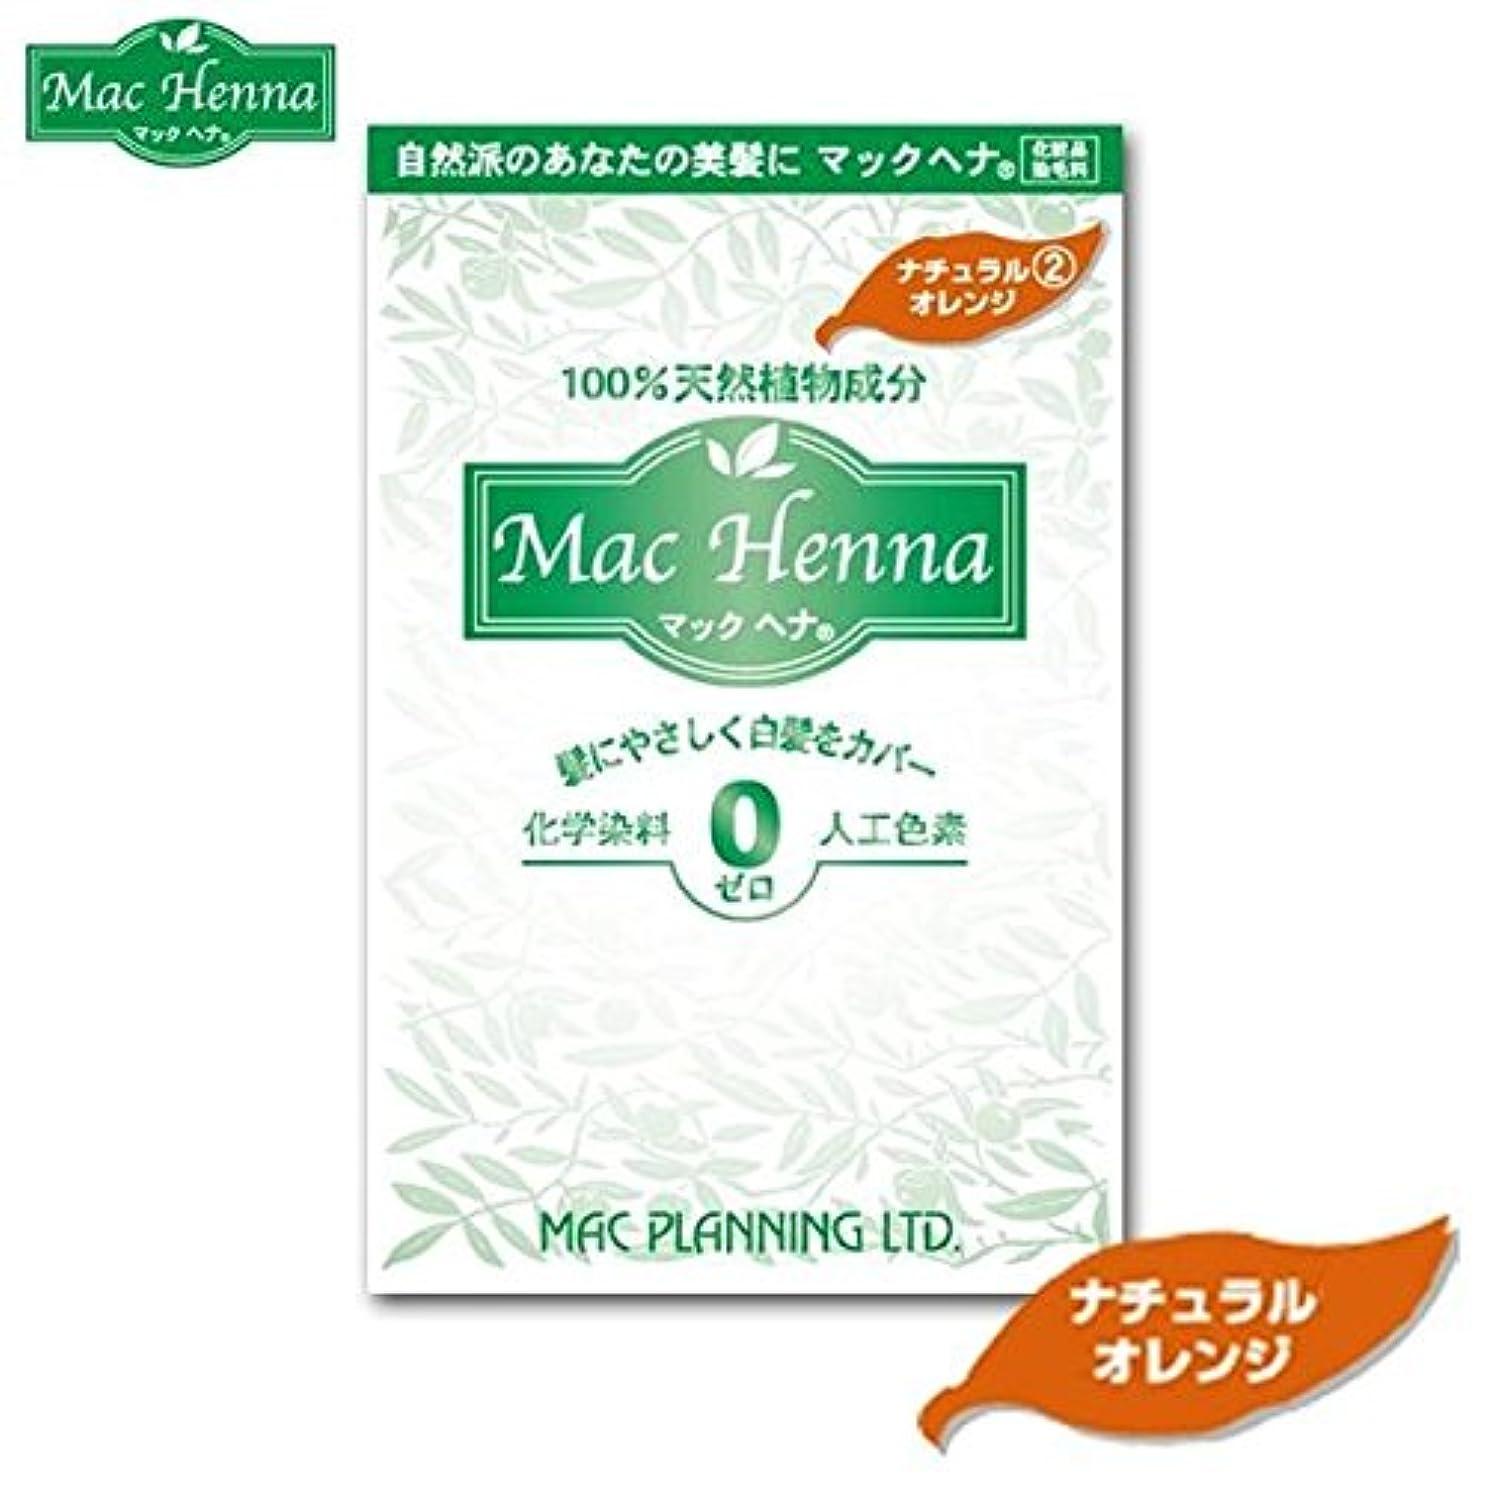 マックヘナ ナチュラルオレンジ